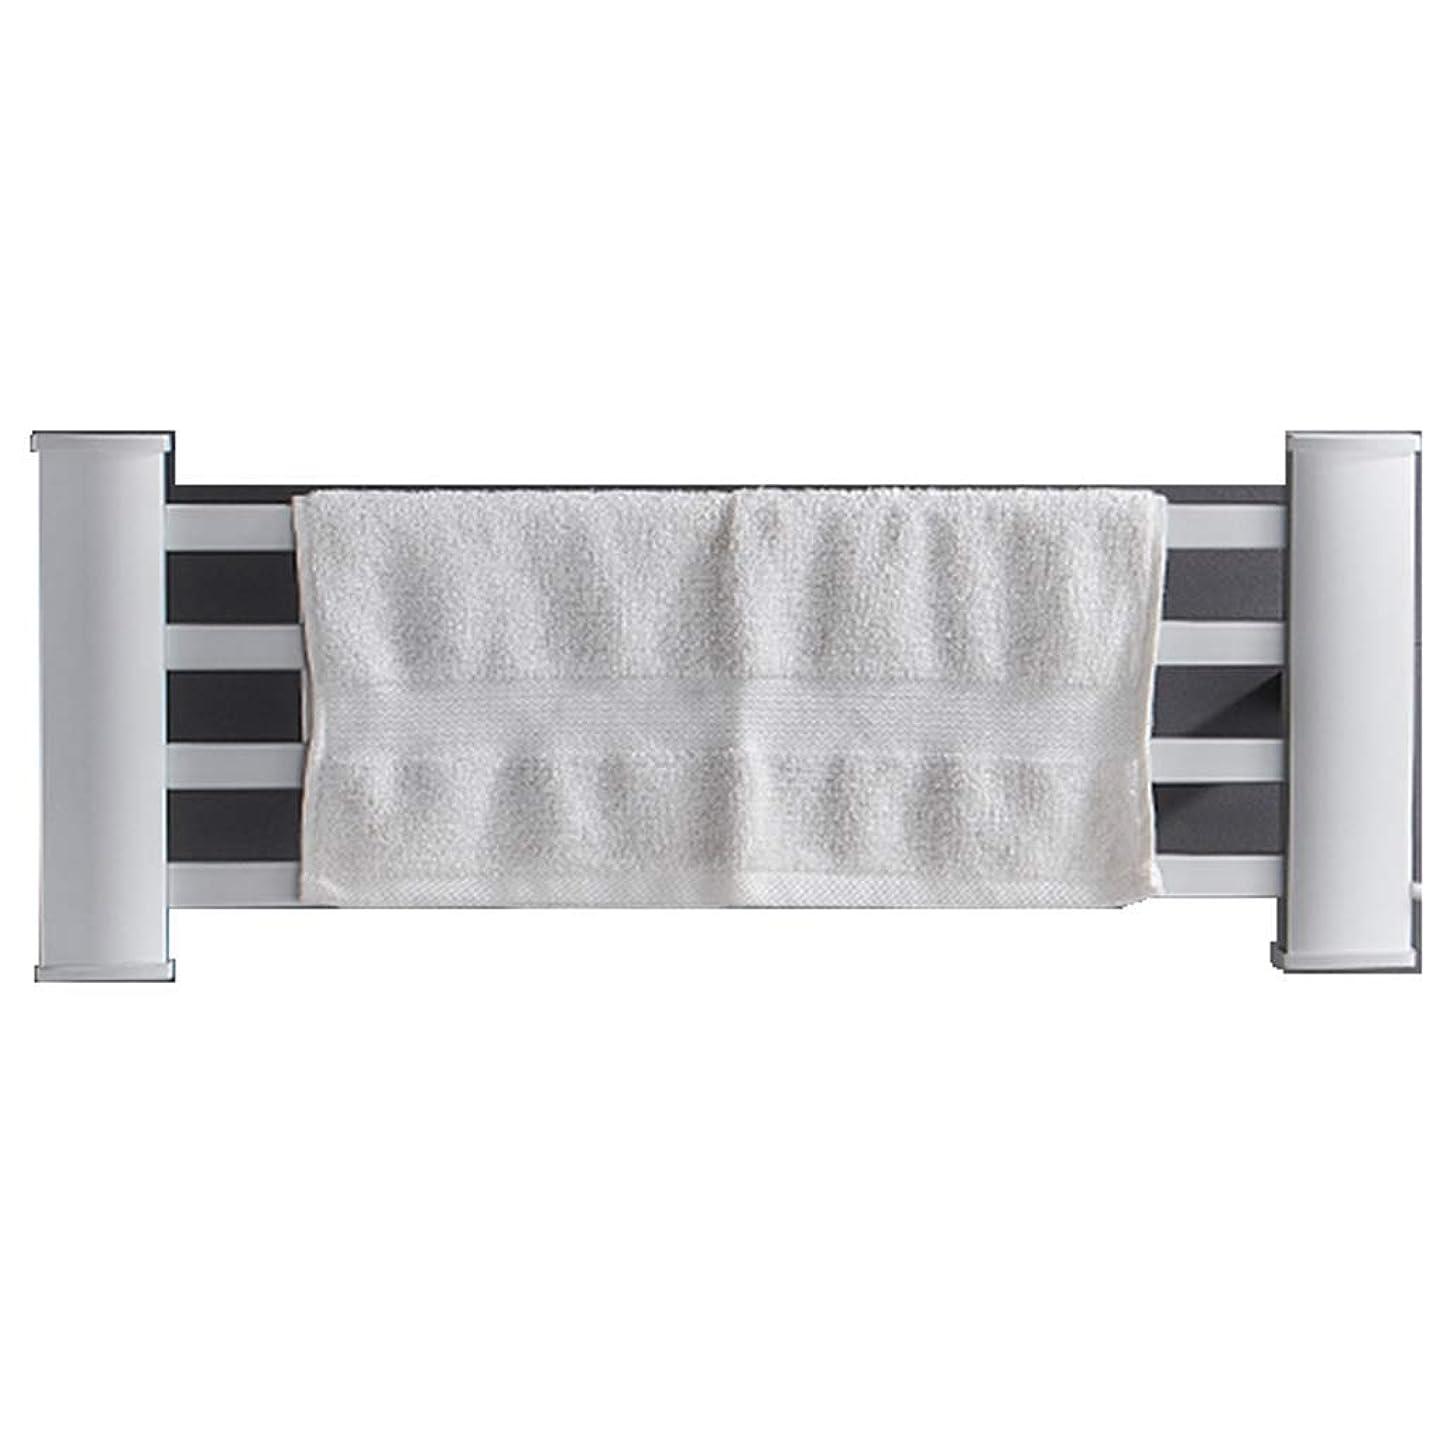 ベテランサーカス旋律的浴室タオル掛け45With 80With 120Wの世帯スペースアルミニウム電気タオル掛けの理性的な温度調整タオルのドライヤーの浴室の棚